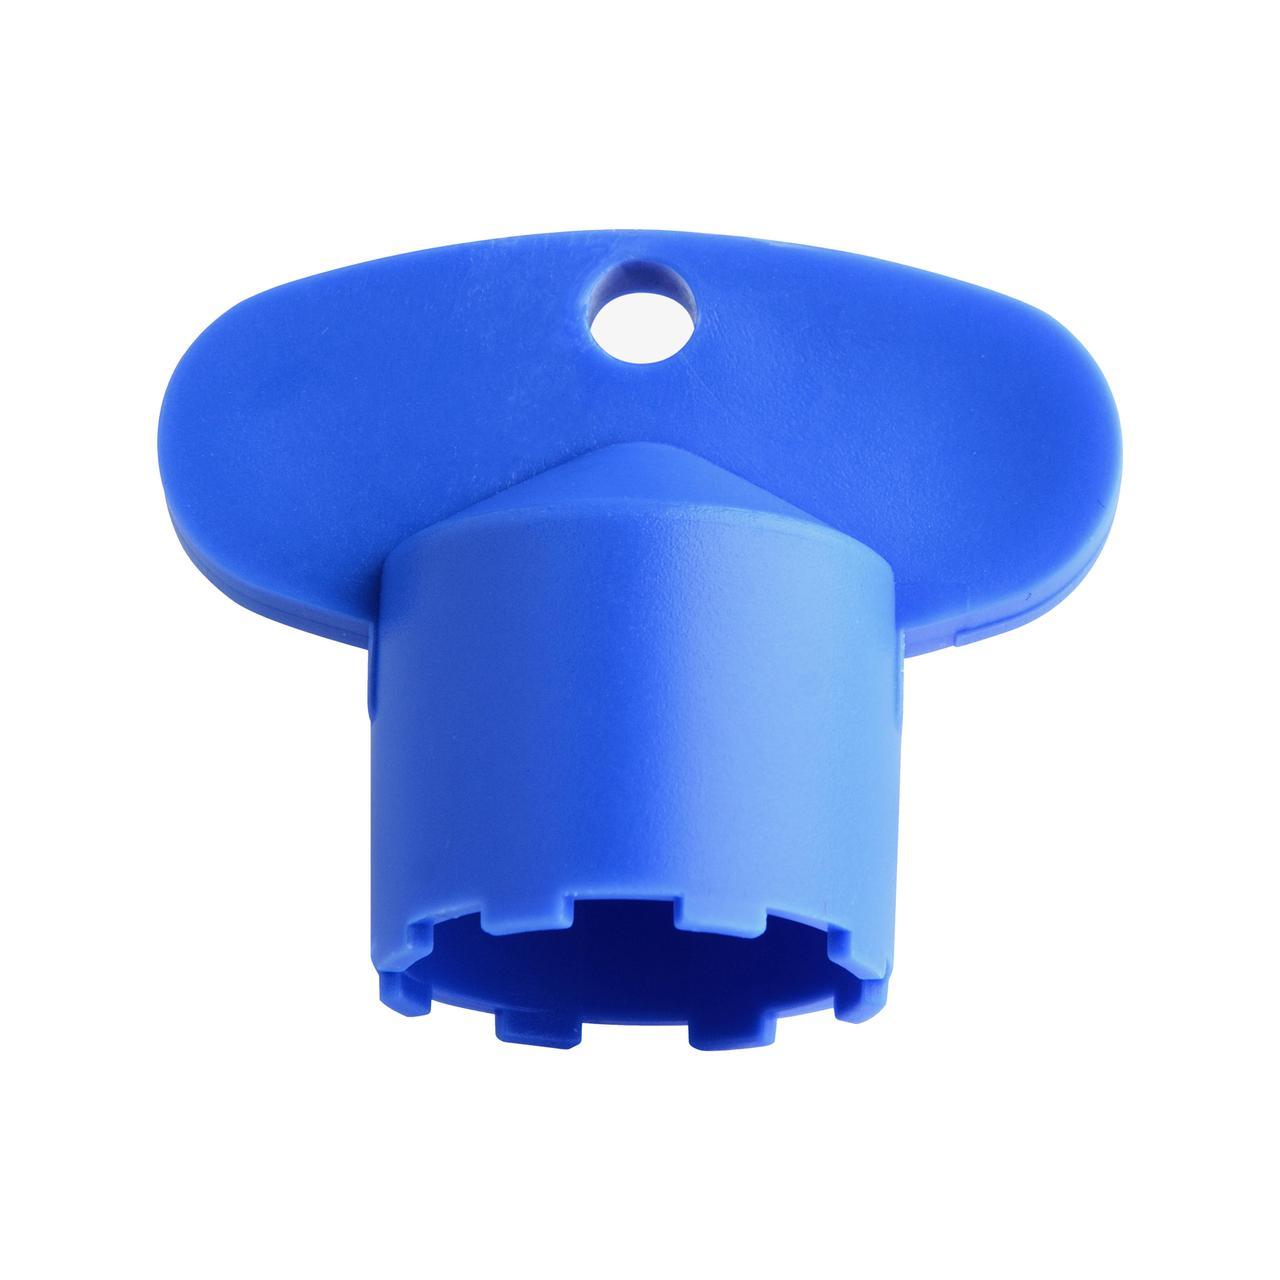 🔧Сервисный ключ DROP SP165KEY для установки скрытых аэраторов диаметром 16,5 мм